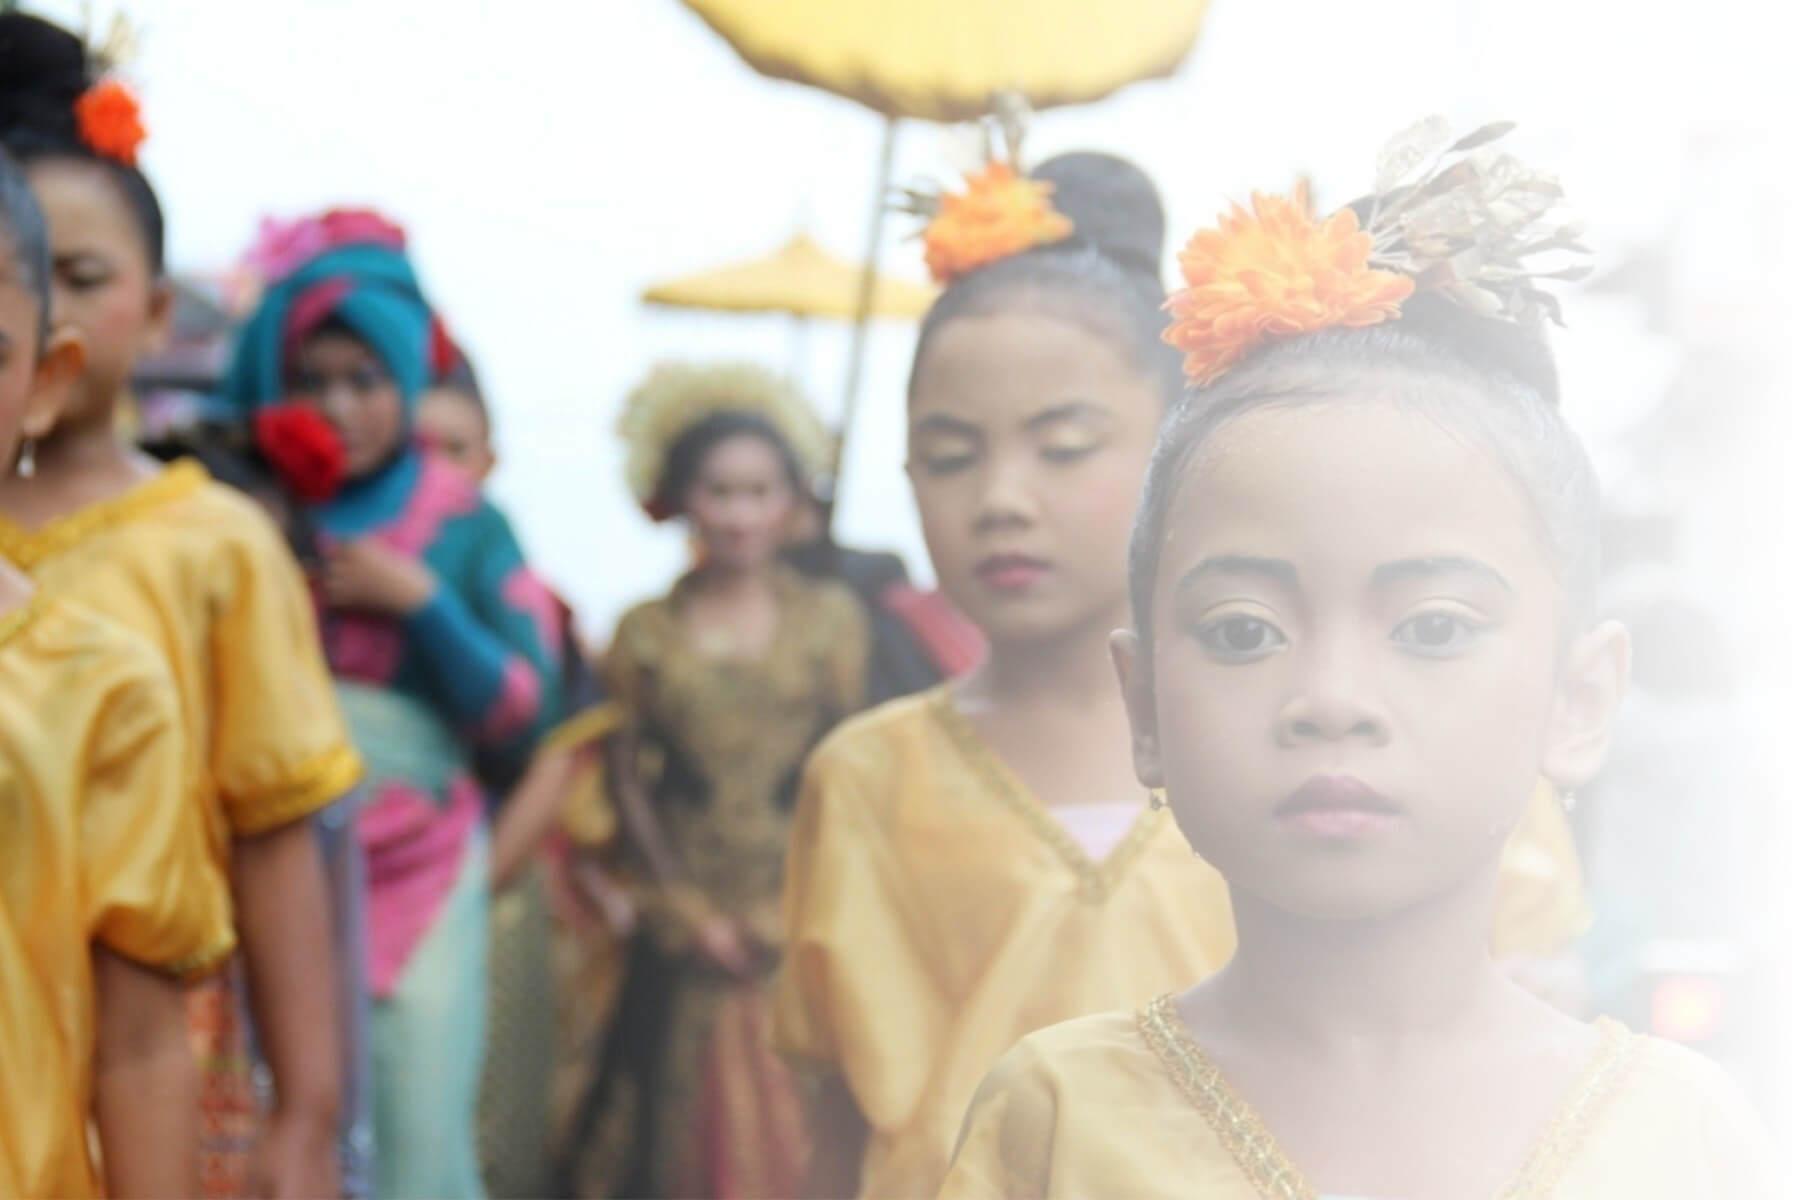 Kids in Chiang Mai